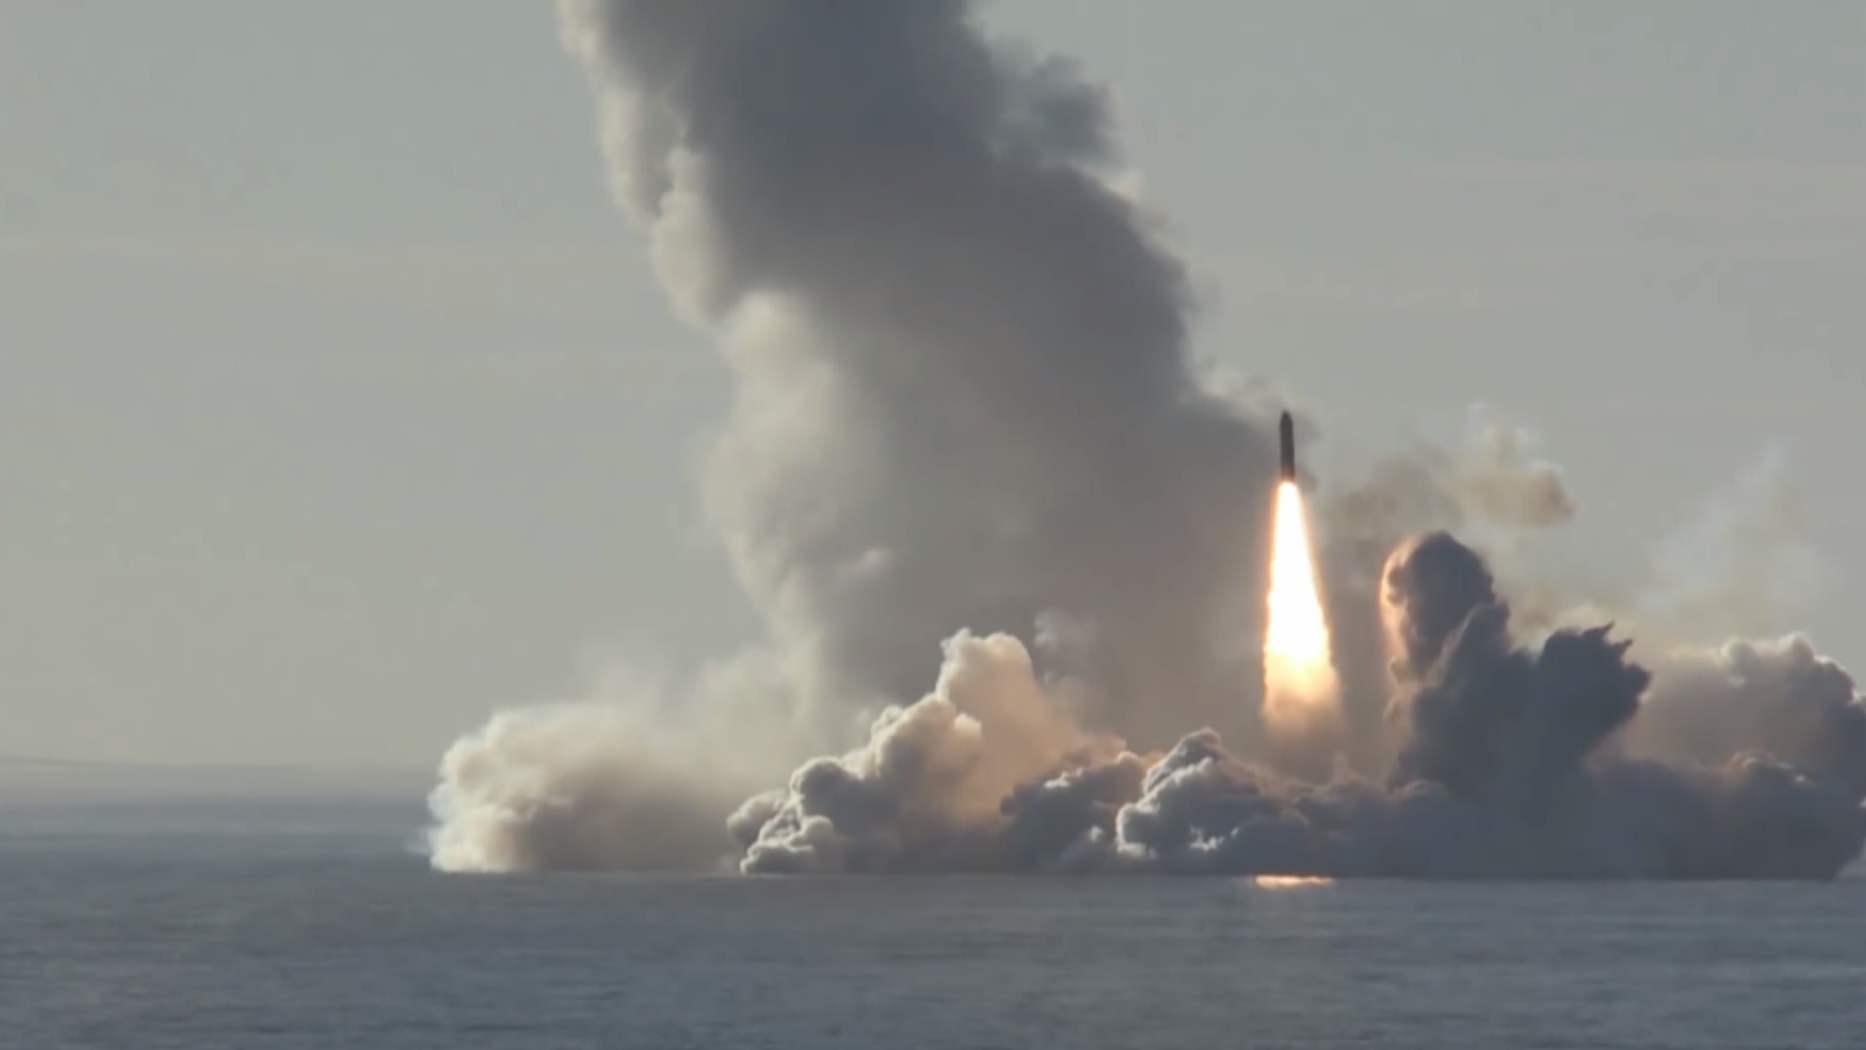 俄罗斯齐射4枚战略导弹,美军四星上将不吝赞美:非常,非常强大